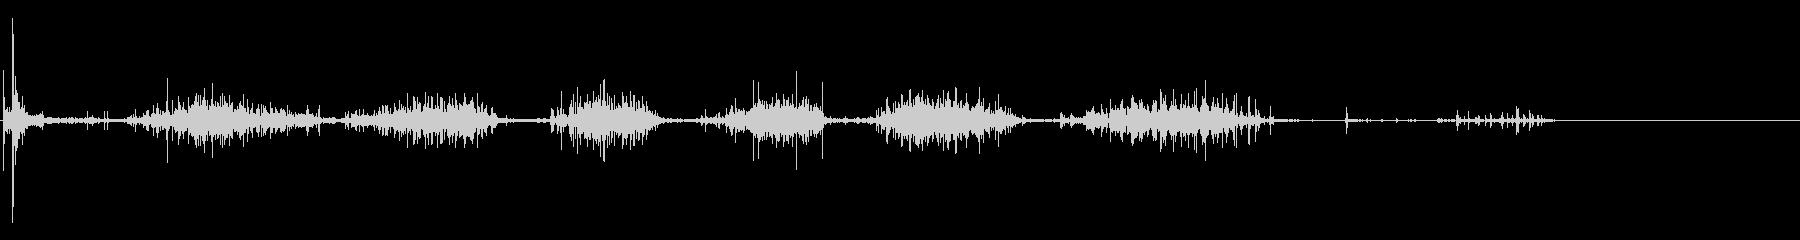 バッターボックスの土を踏みならす音 1の未再生の波形